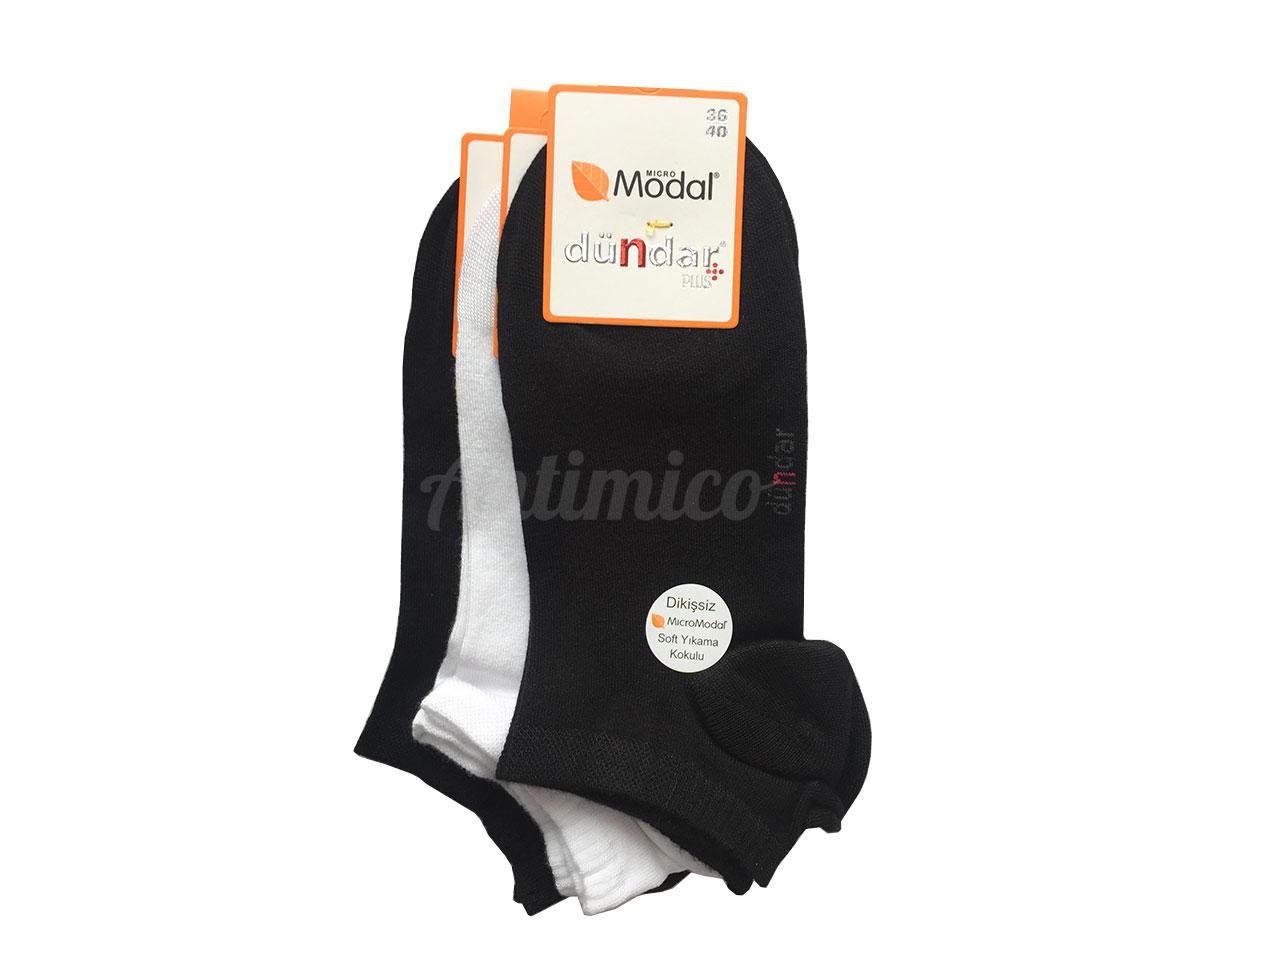 Дамски чорапи, на глезена от модал, антибактериални, 3 чифта